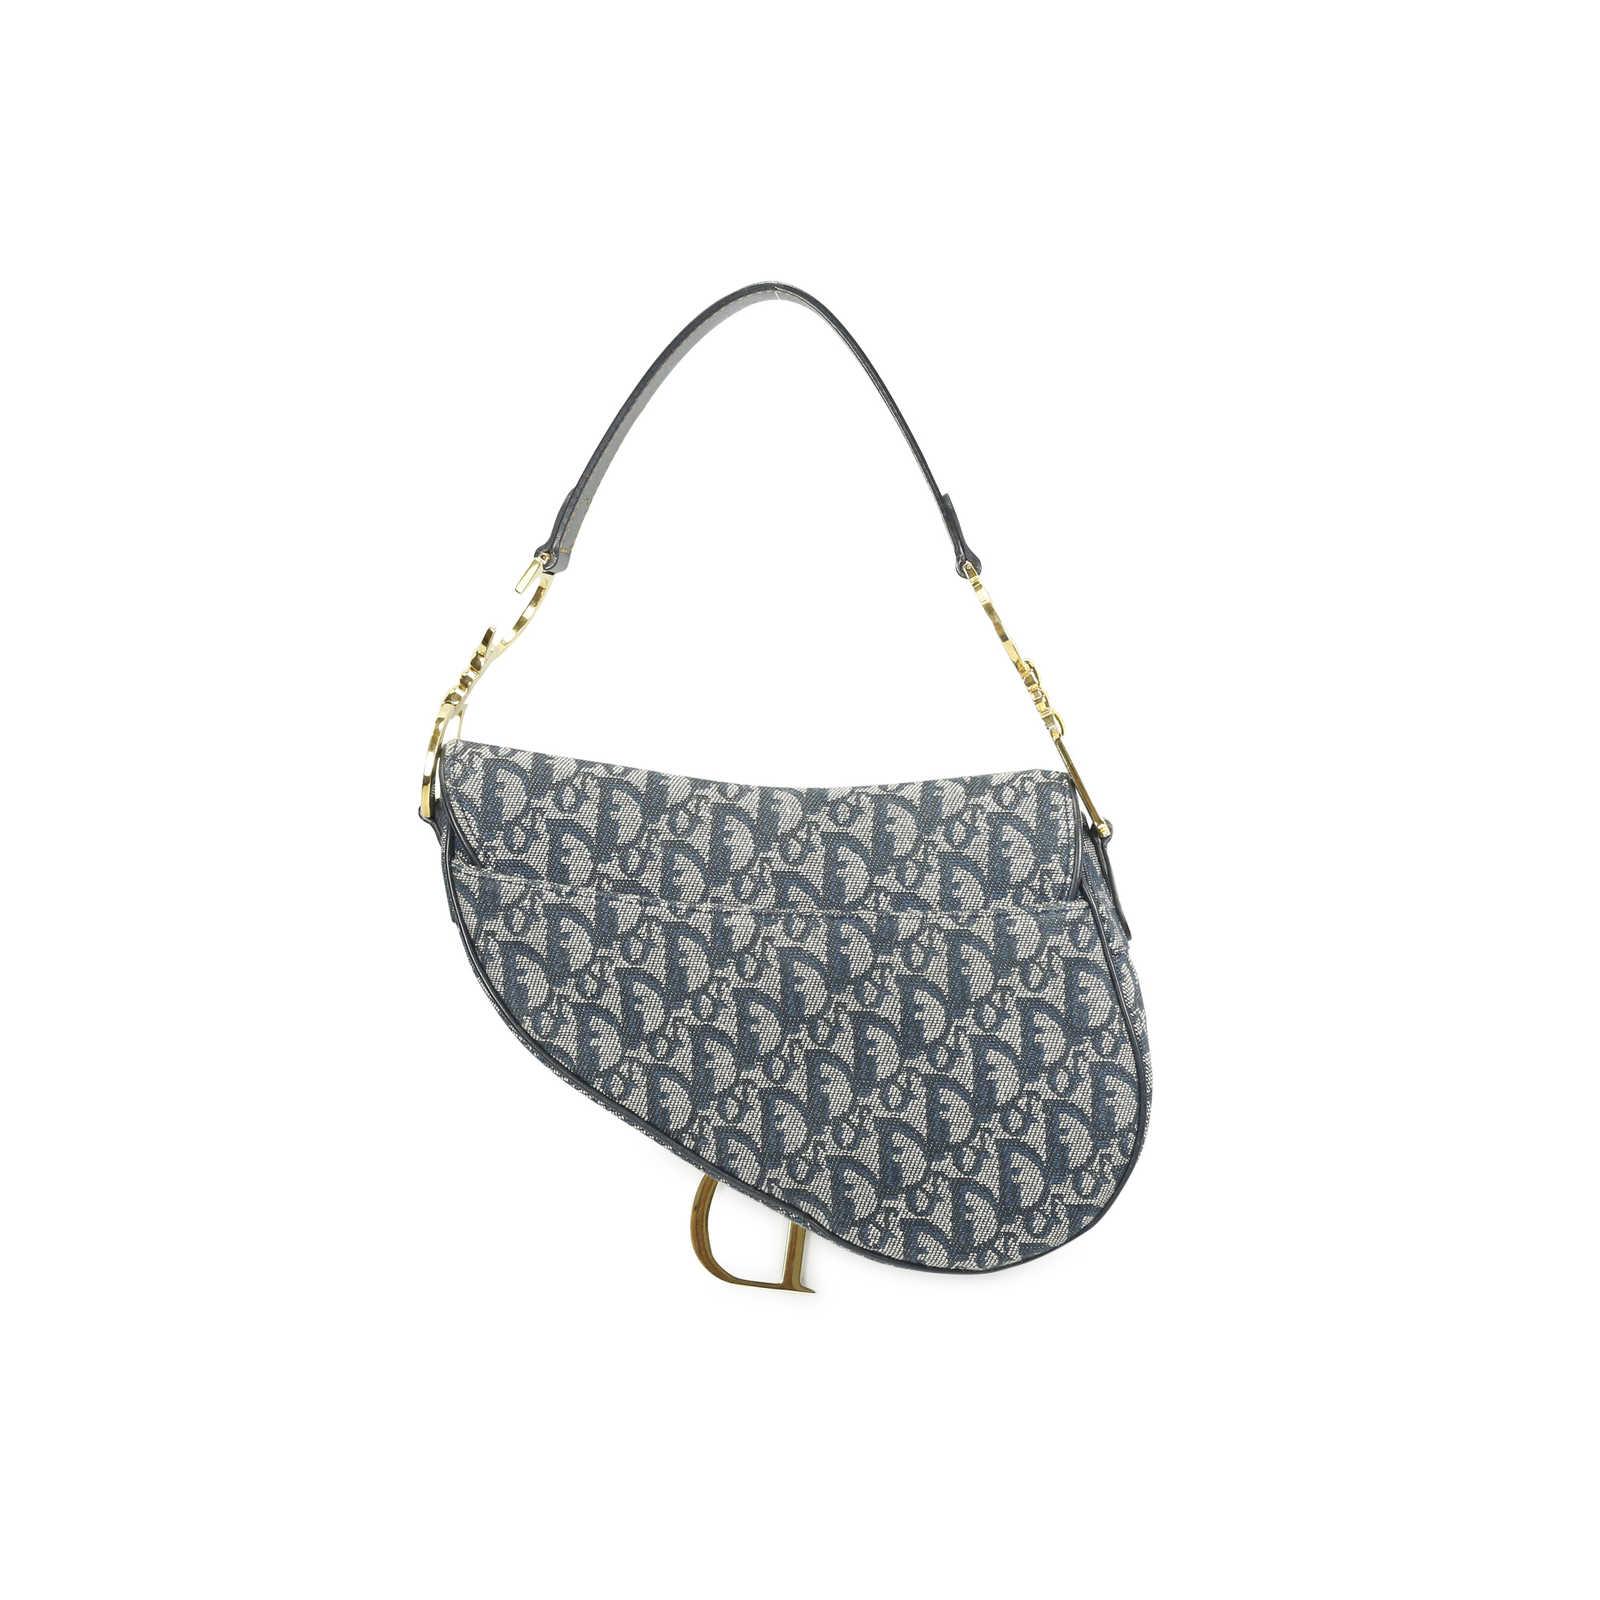 de422d888e0 ... Authentic Second Hand Christian Dior Saddle Bag (PSS-034-00001) -  Thumbnail ...